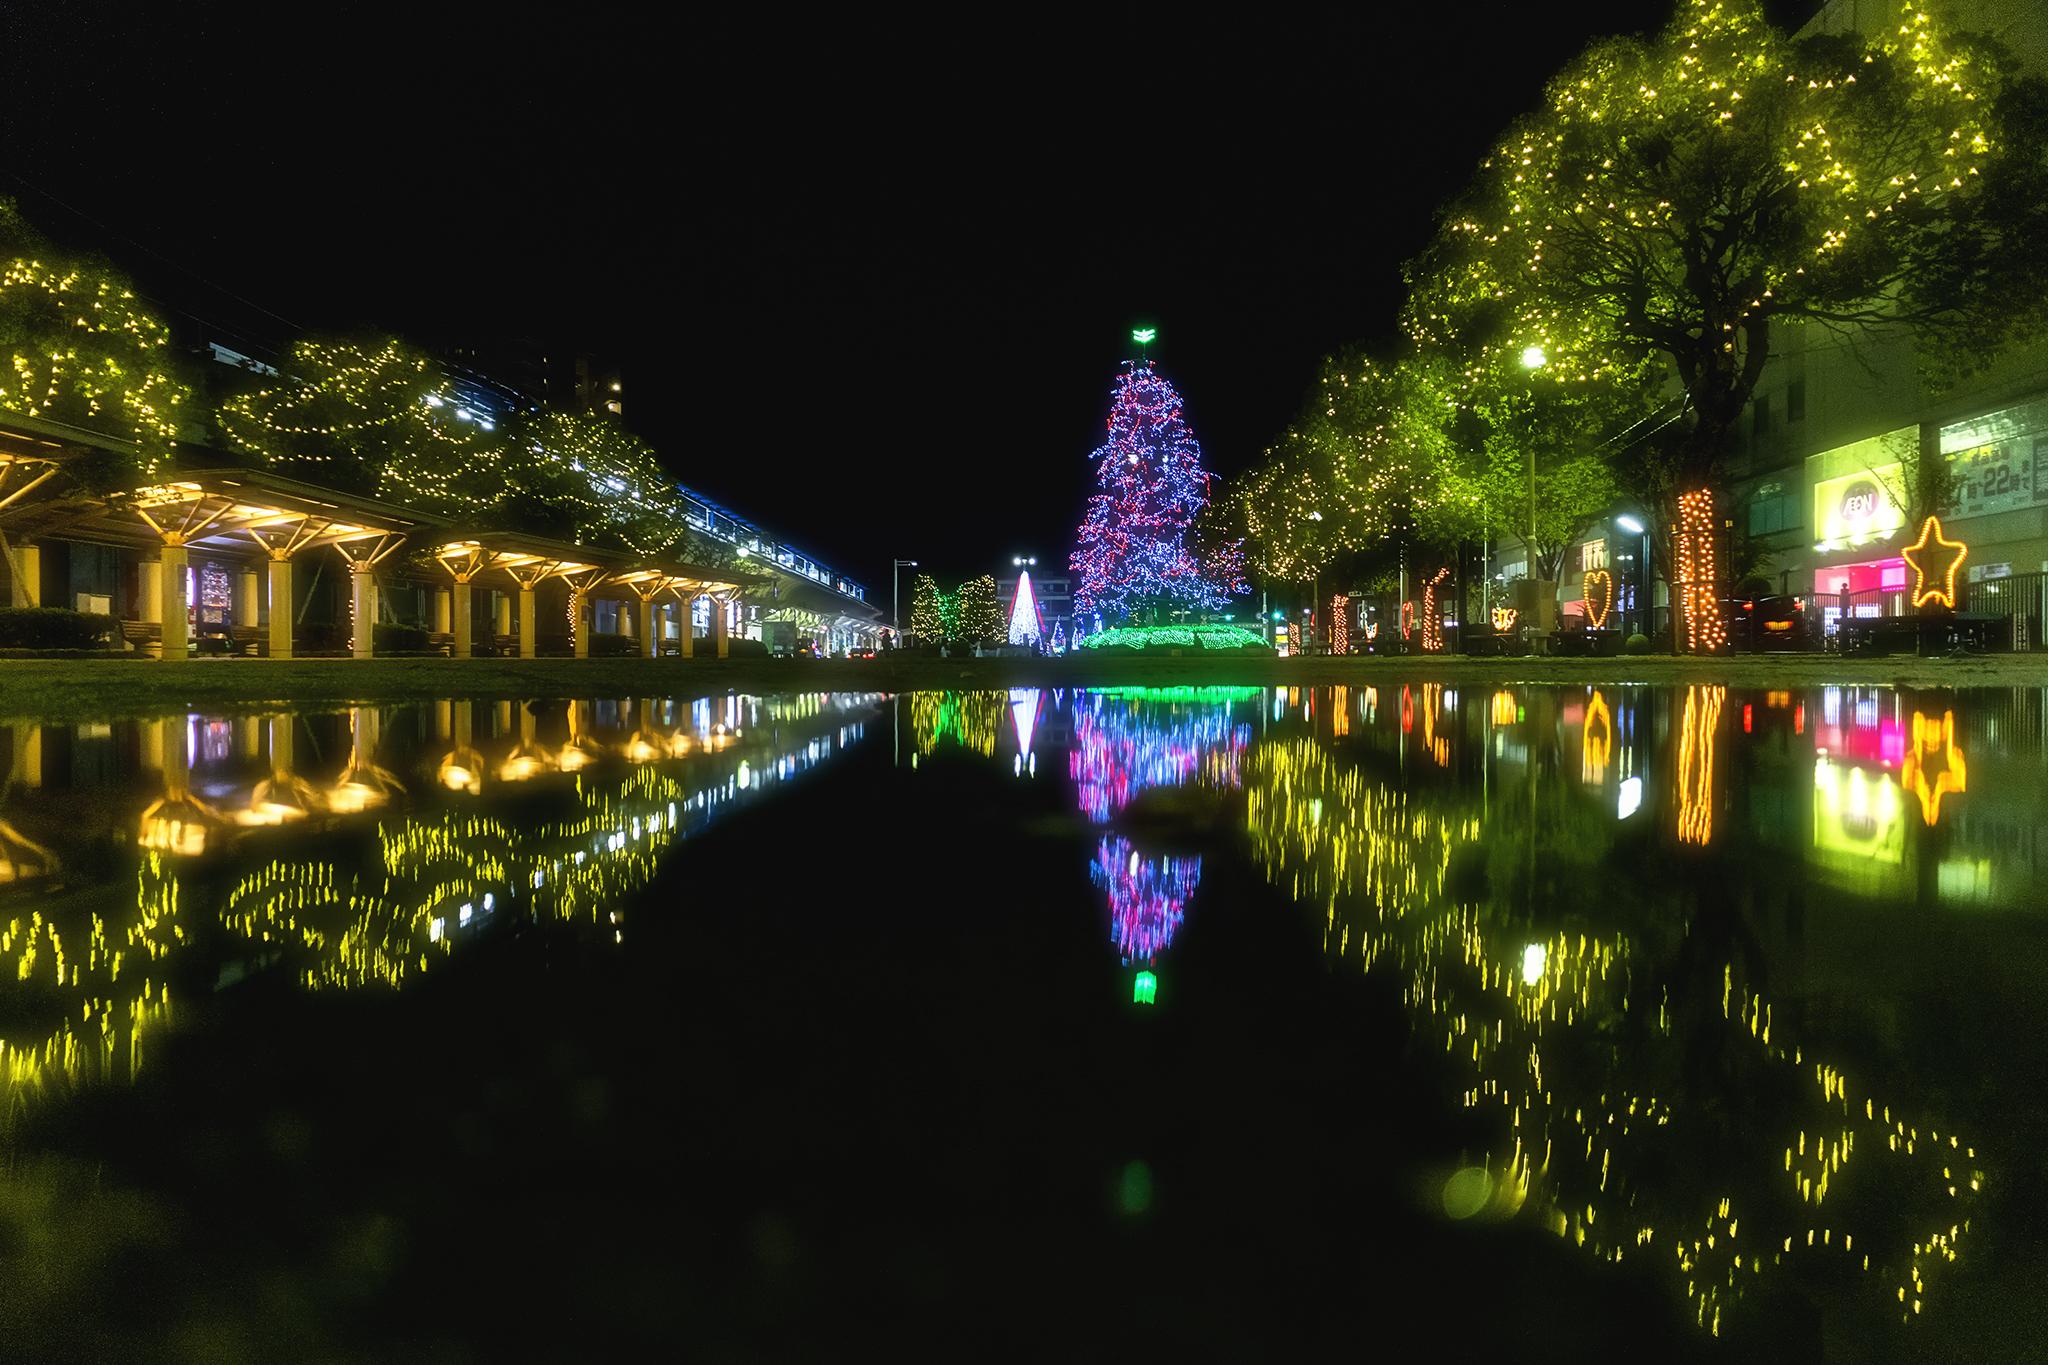 坂出市民広場の超巨大クリスマスツリー2019